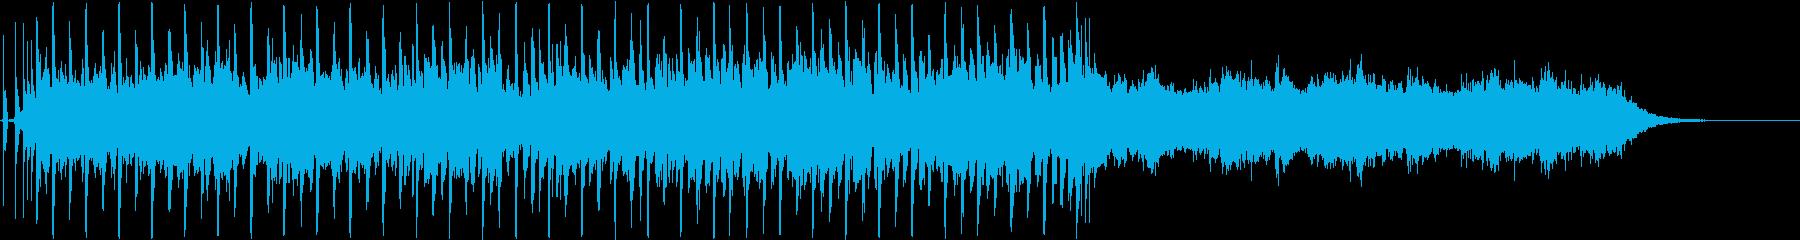 Funk、おしゃれ、シティポップ cの再生済みの波形